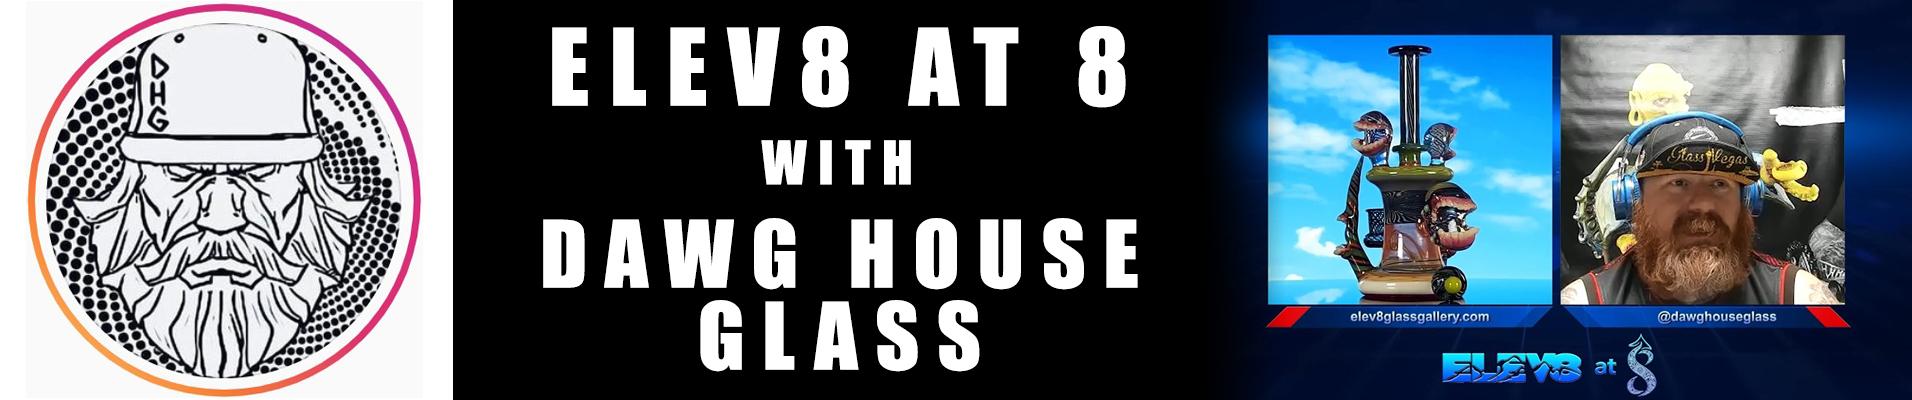 dawg-house-glass-banner.jpg